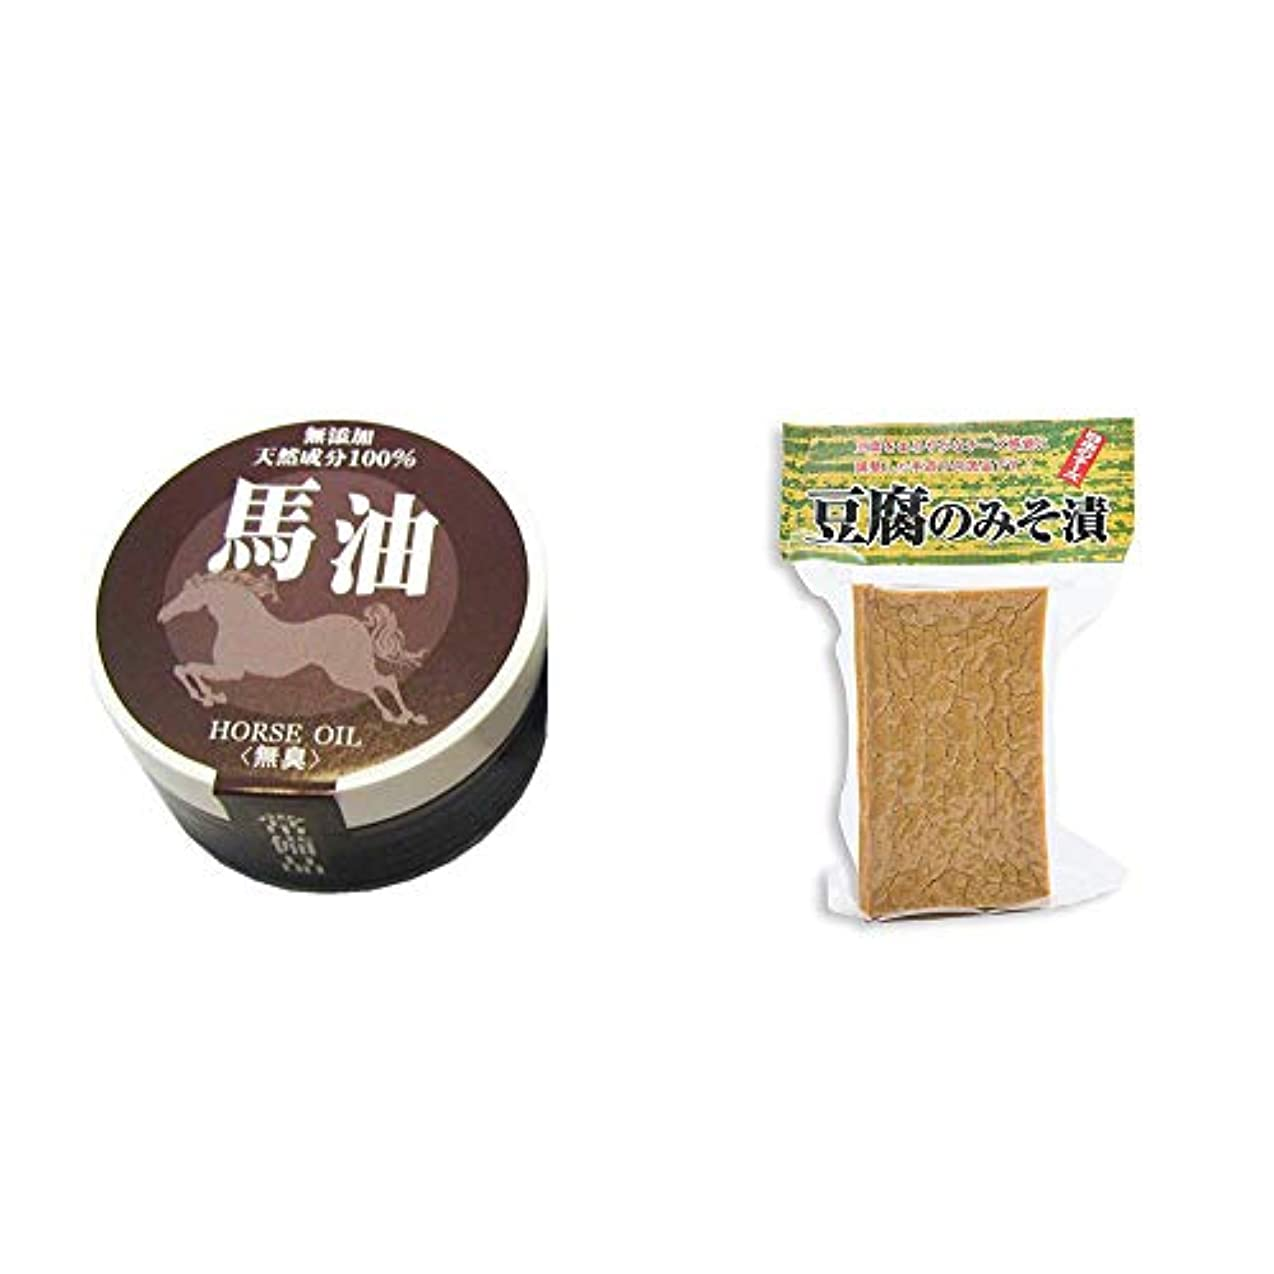 信頼できるオデュッセウス成熟した[2点セット] 無添加天然成分100% 馬油[無香料](38g)?日本のチーズ 豆腐のみそ漬(1個入)